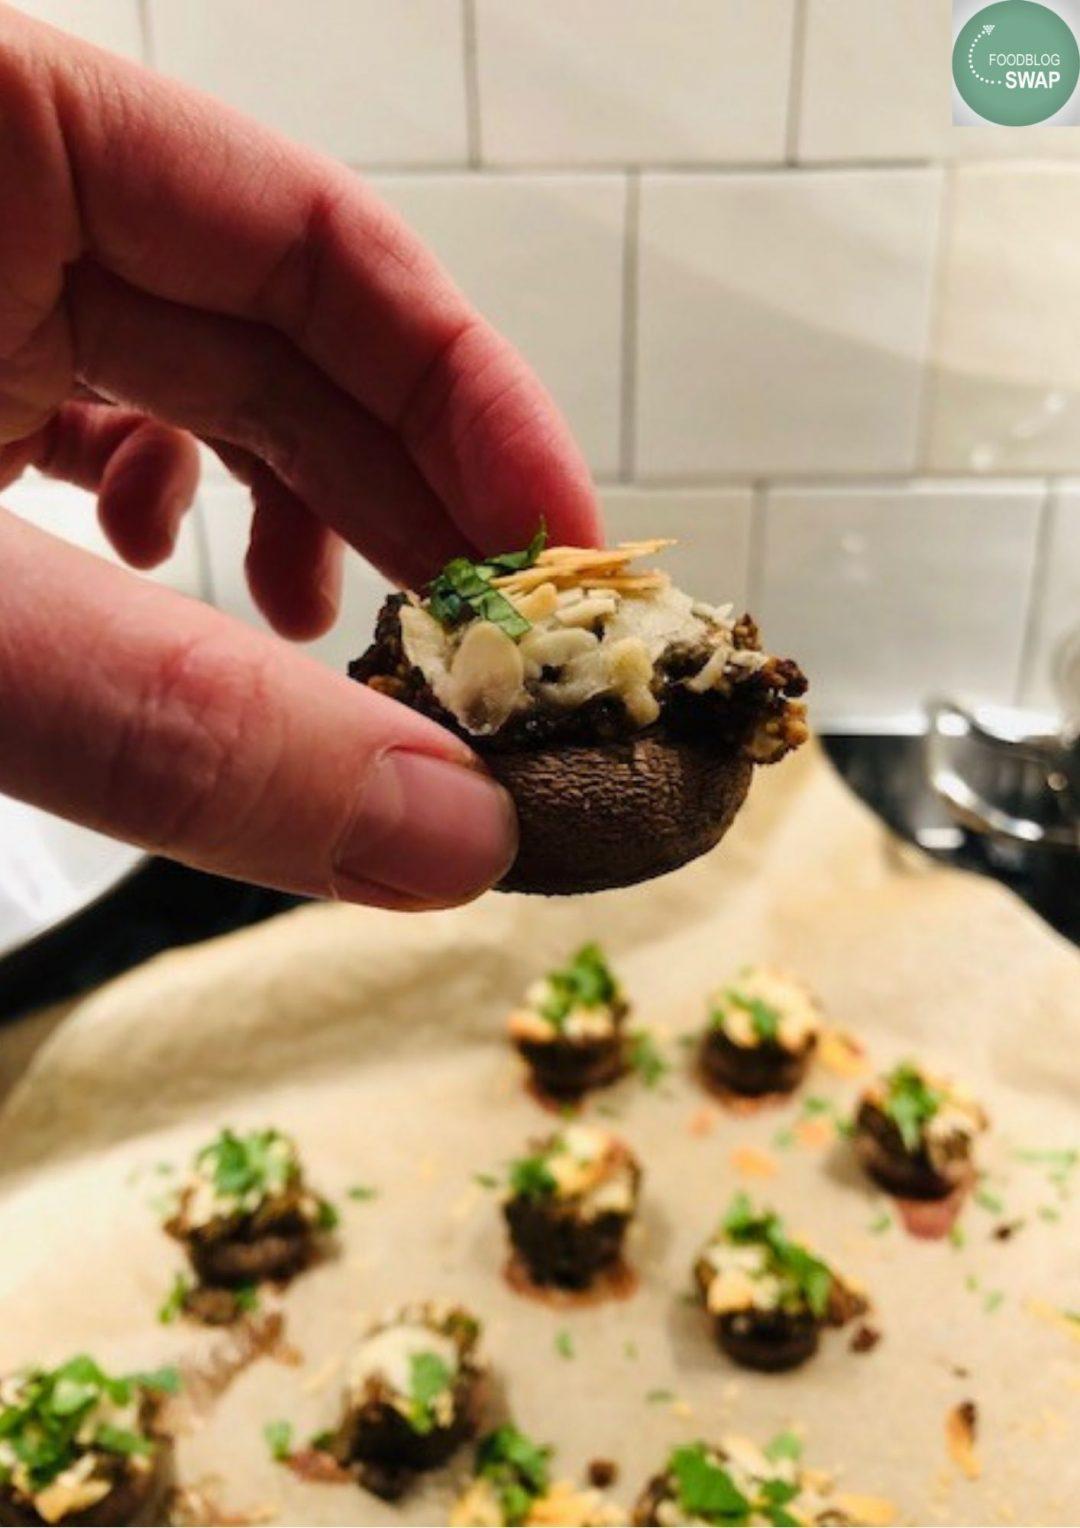 Champignons gevuld met notengehakt en peterselie. Een heerlijk vegetarisch en gezond hapje voor bij de borrel of als amuse.